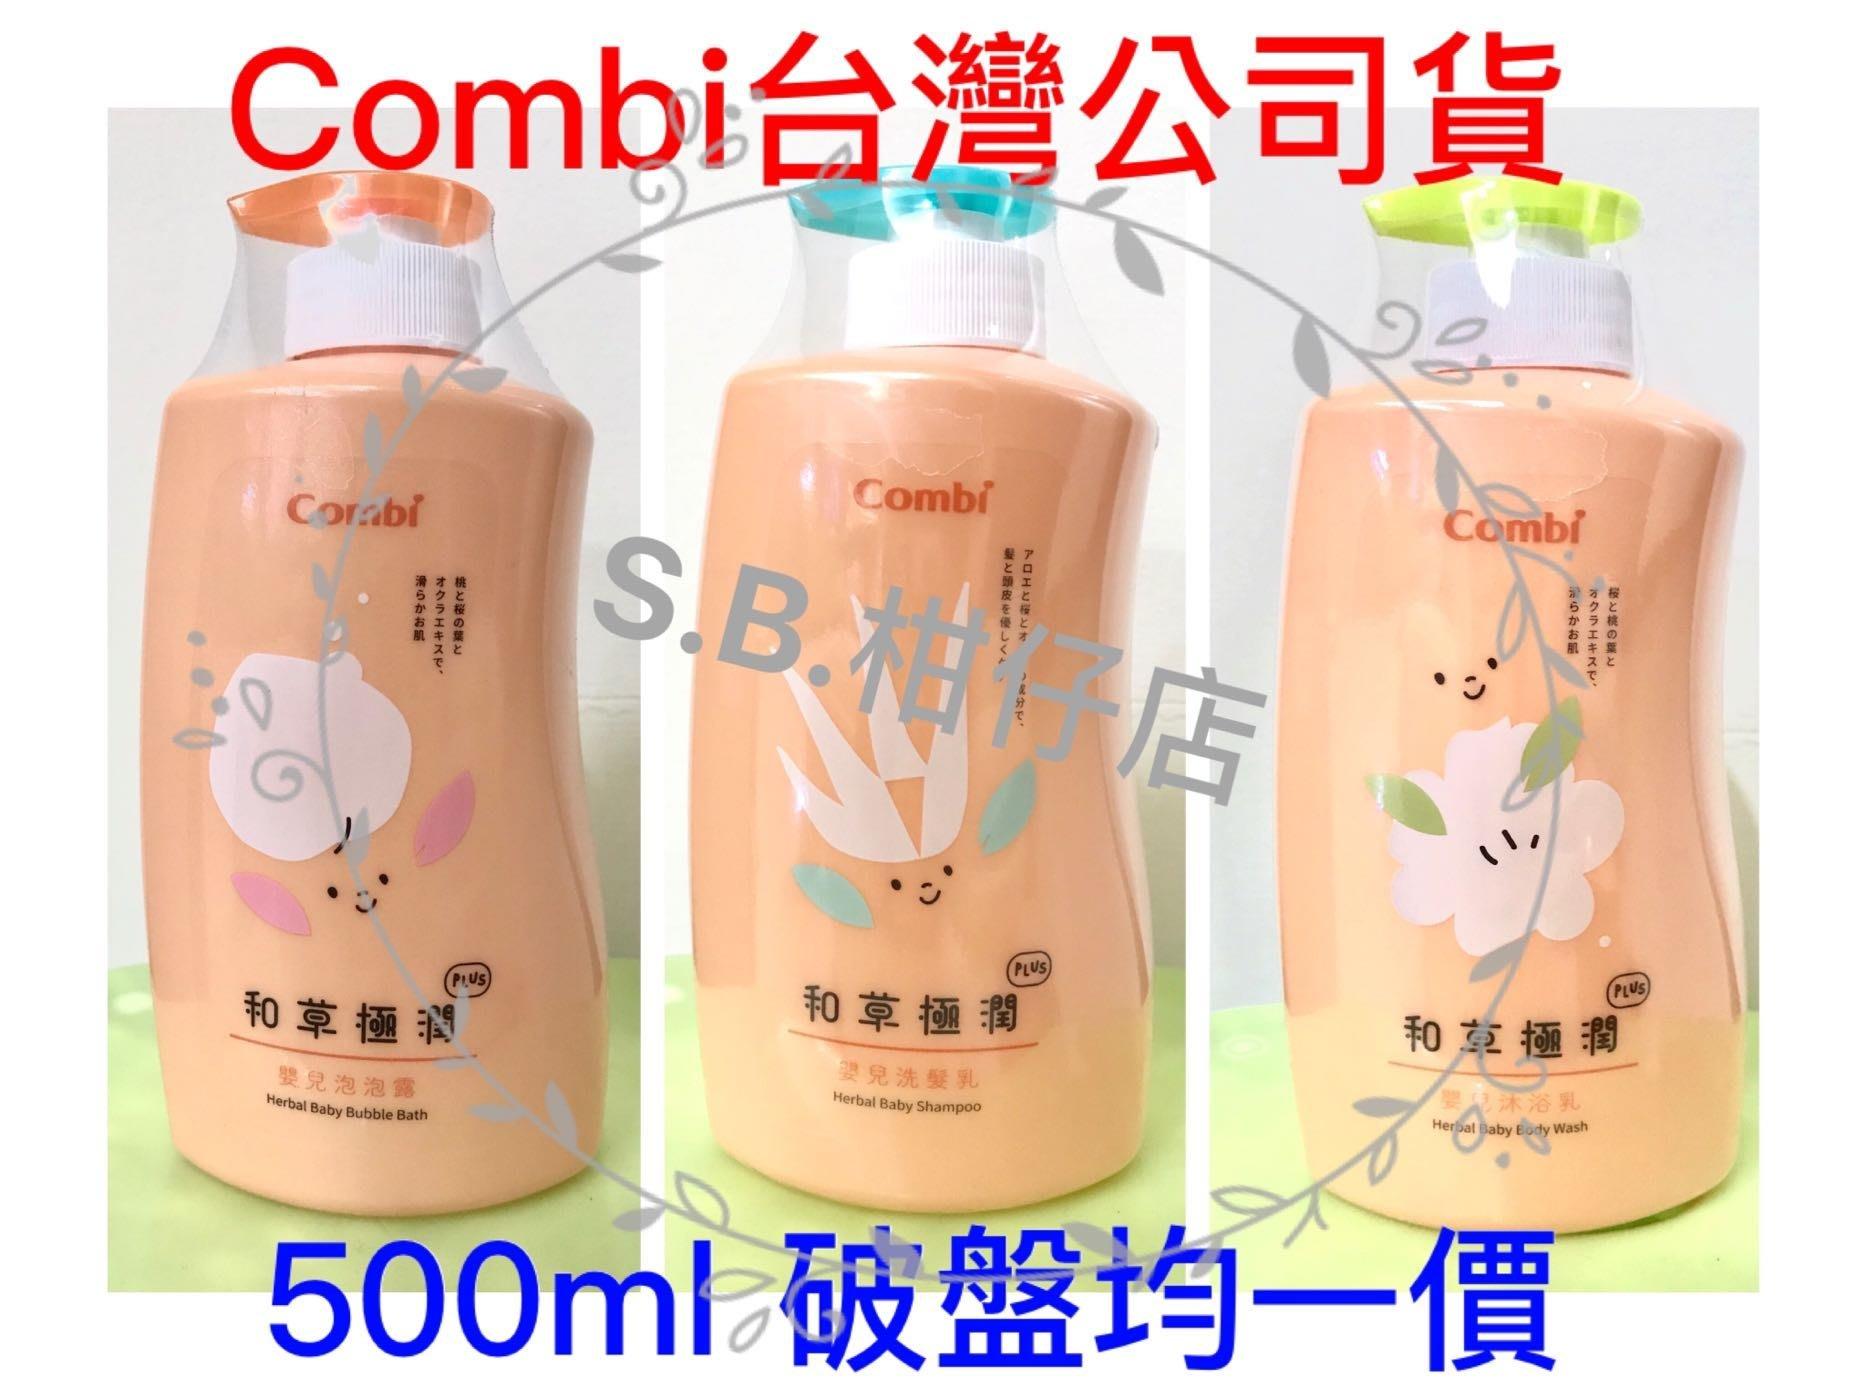 Combi 和草極潤 嬰兒沐浴乳 嬰兒洗髮精 泡泡露 三款任選 500ml/瓶